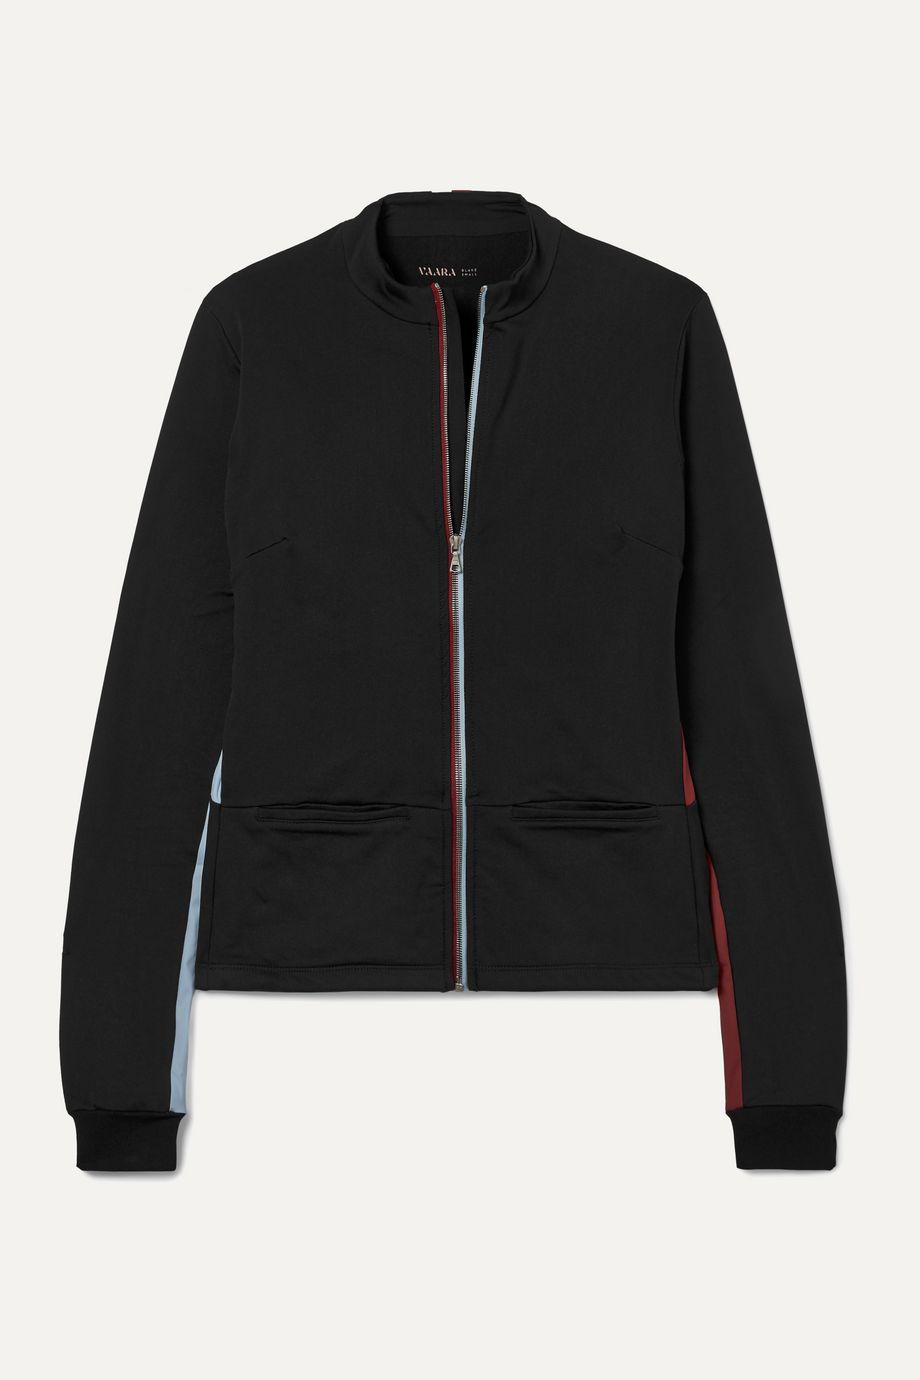 Vaara Blake Thermal striped stretch-jersey jacket